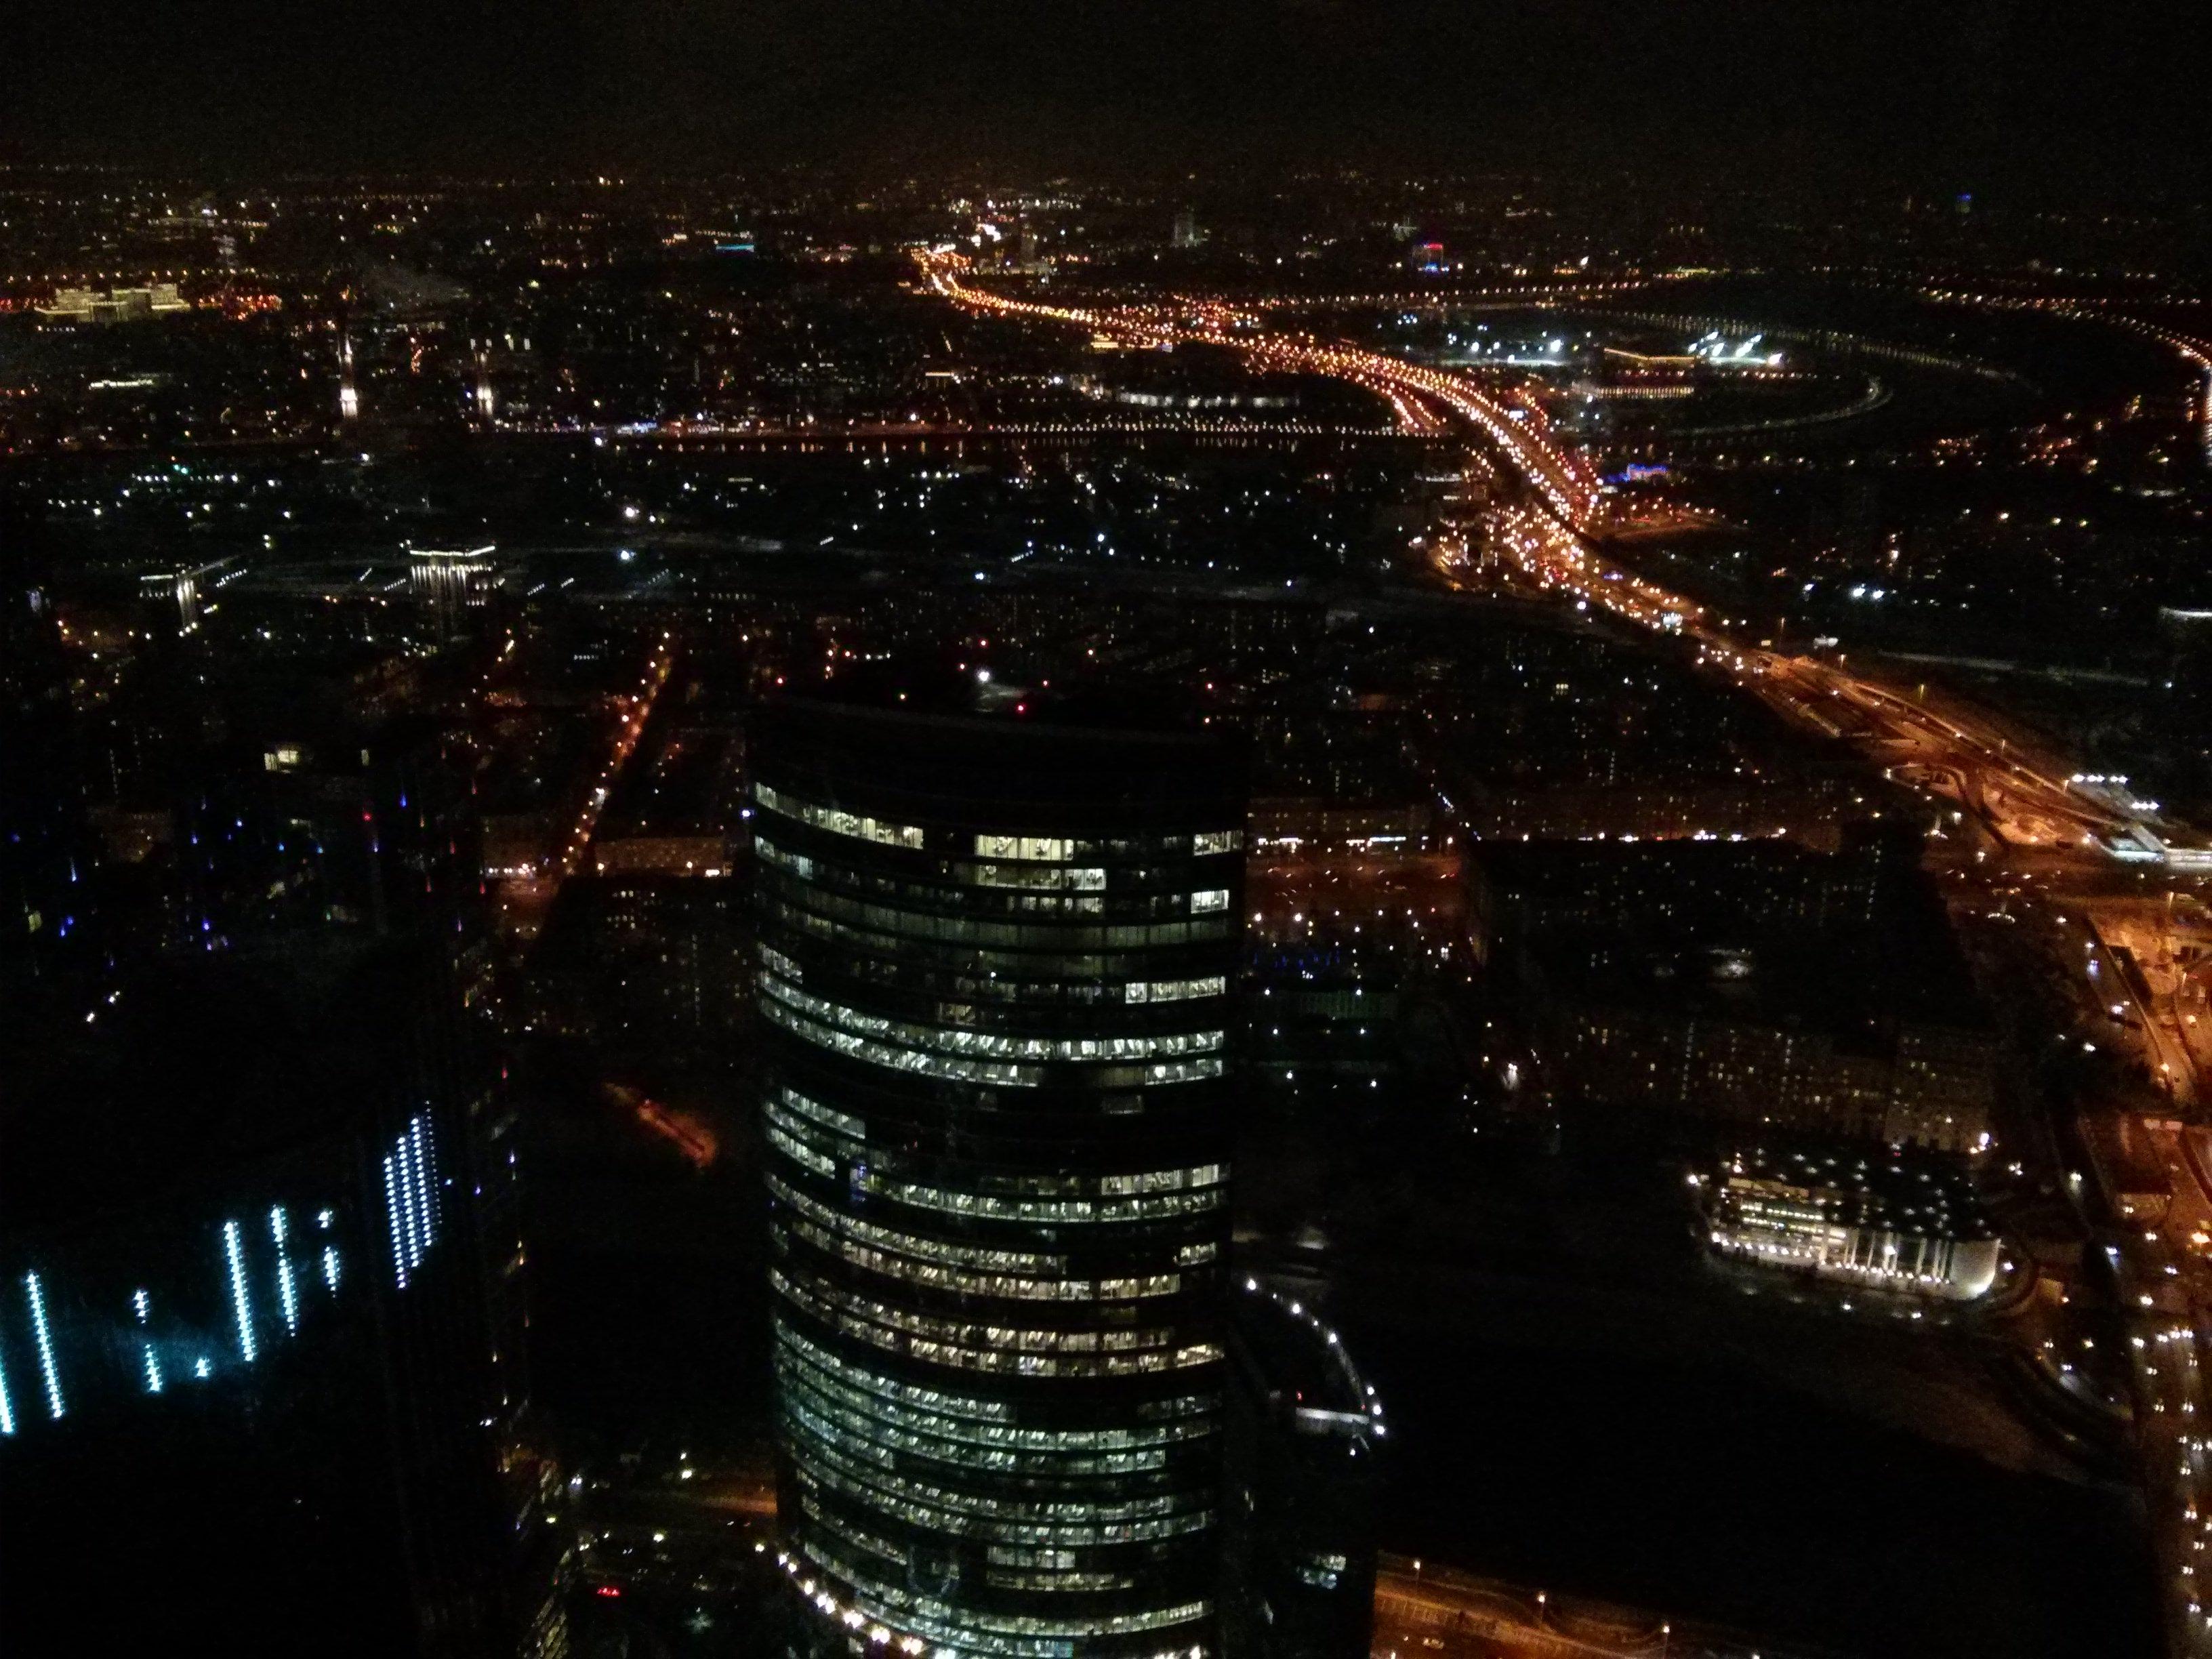 первый взгляд, москва сити ночью фото все размеры было хорошо